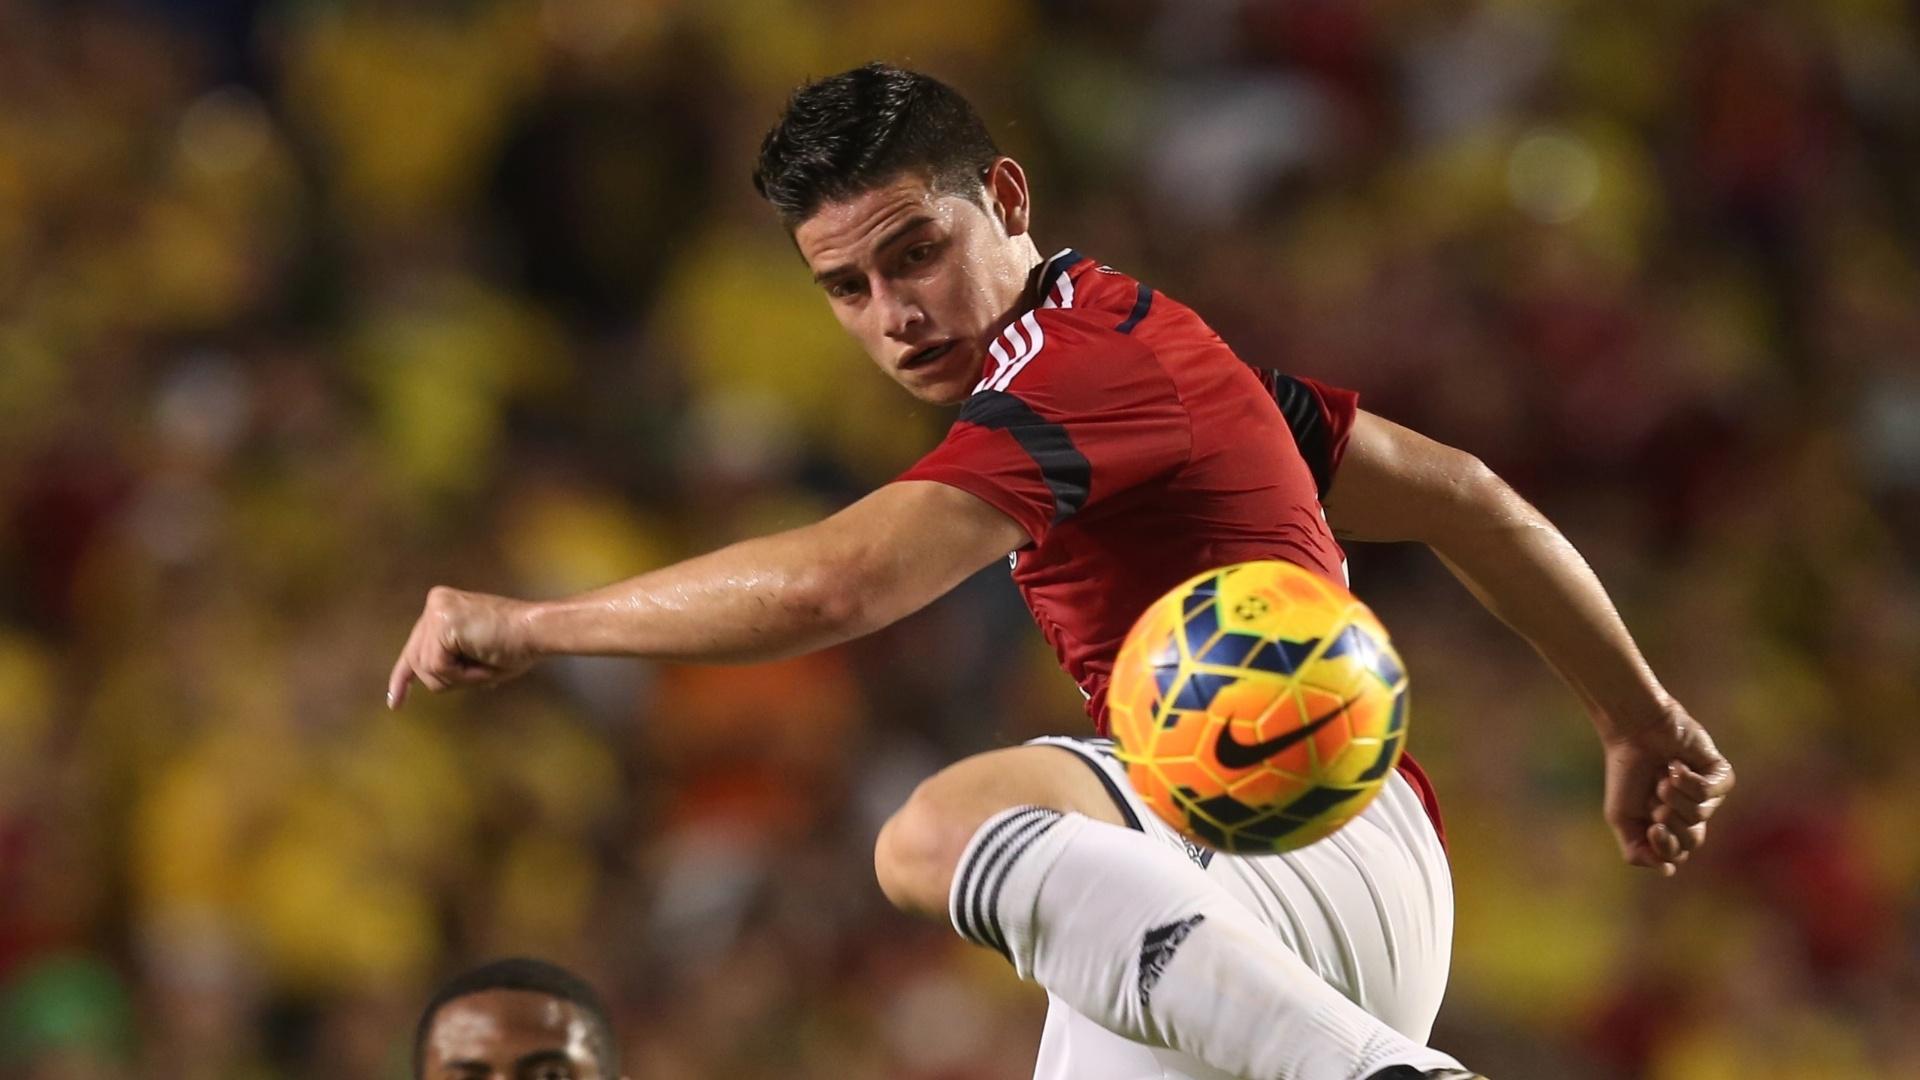 James Rodríguez domina a bola no ar acompanhado por Elias